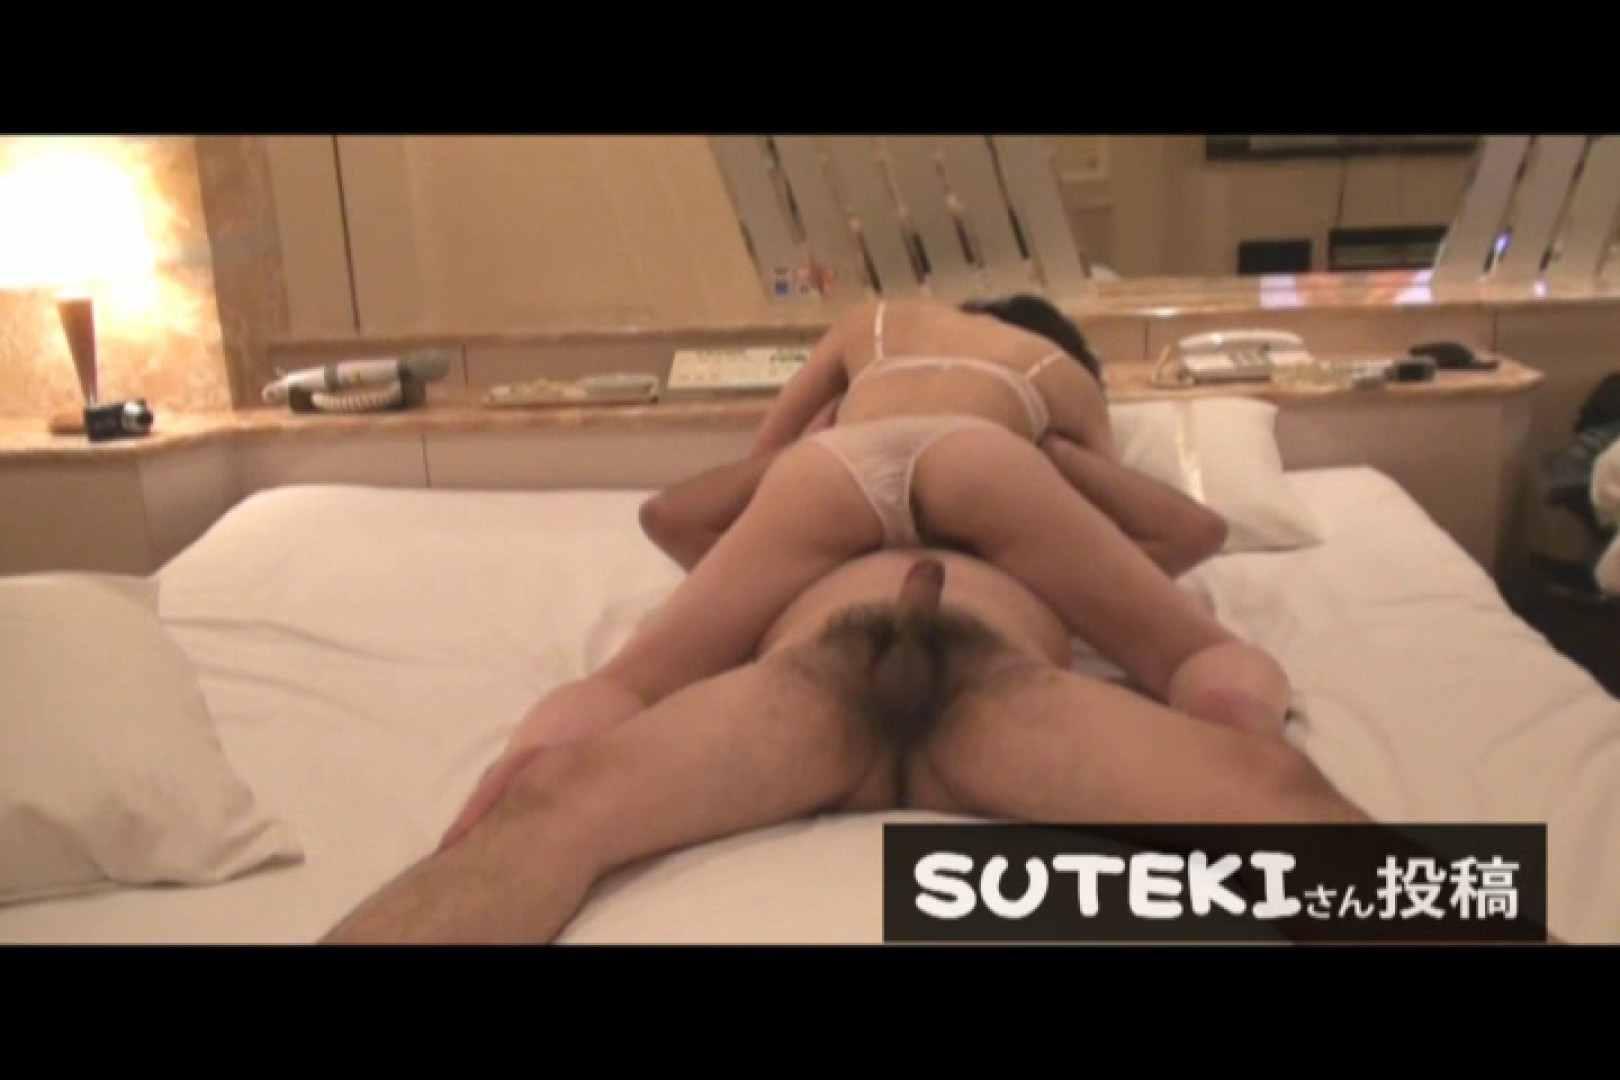 SUTEKIさん投稿 Hな記録、ピンクオープンブラ 投稿映像 | 素人のぞき  45pic 31